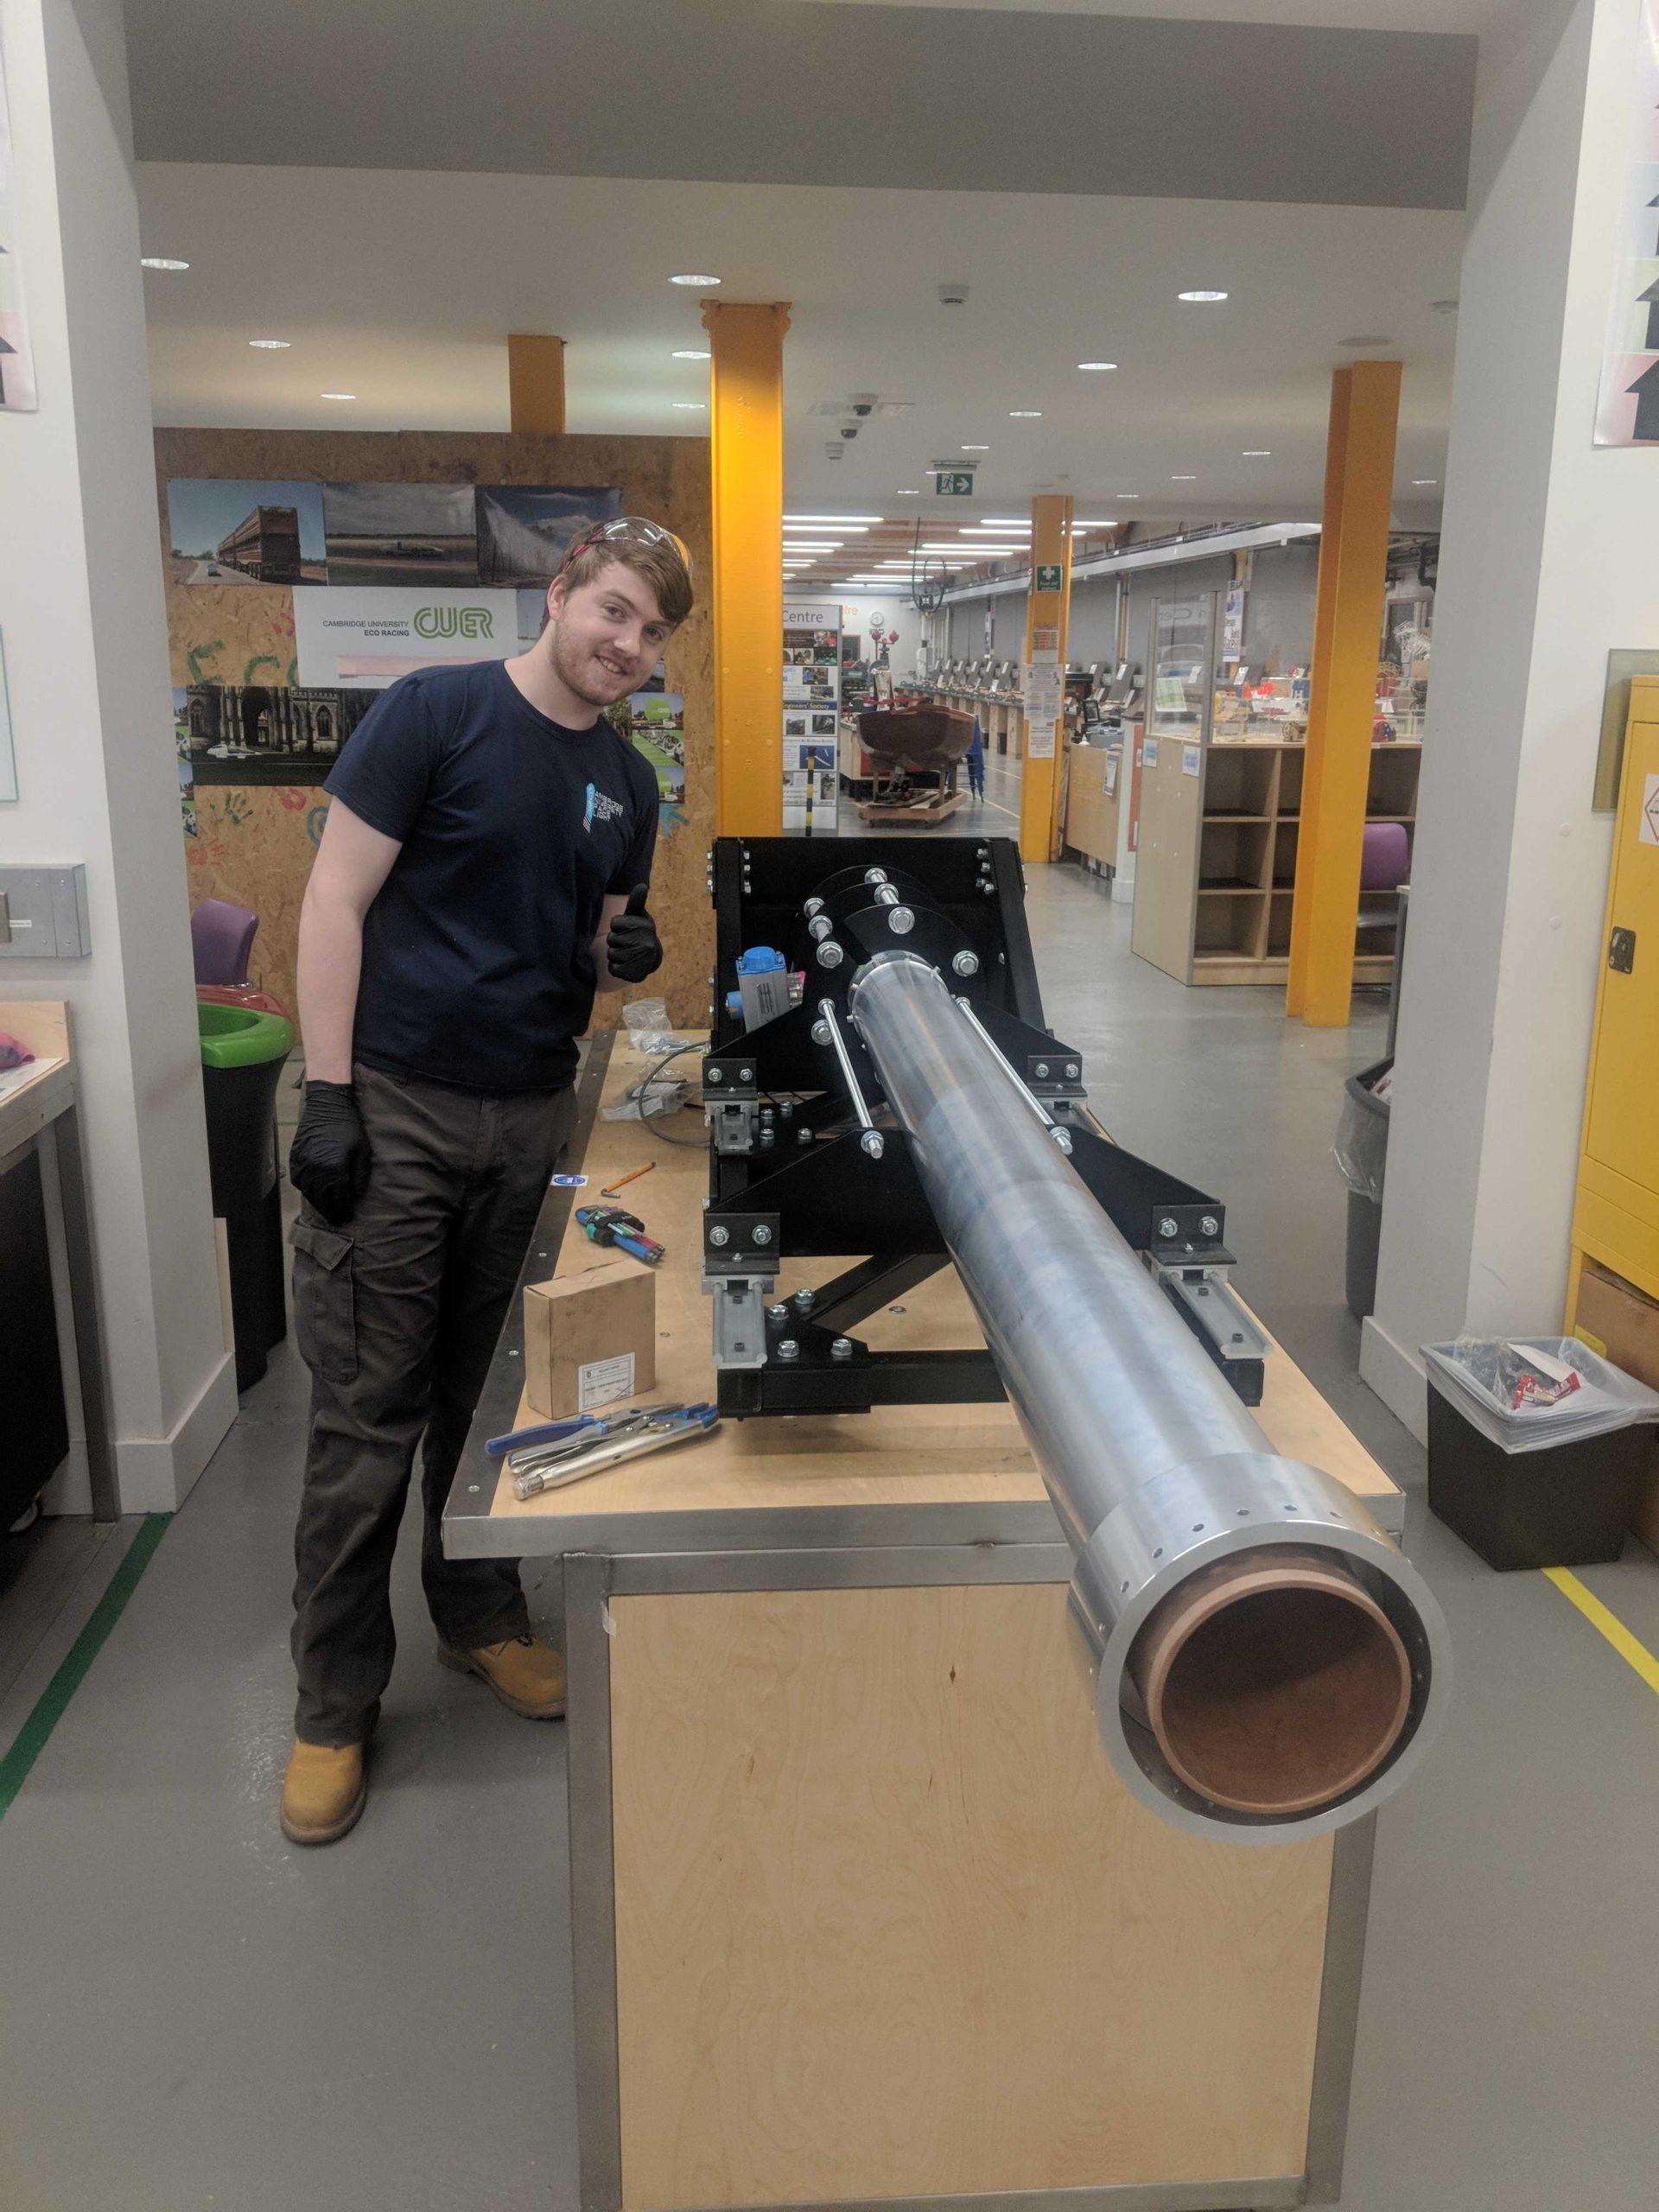 Pulsar hybrid rocket motor